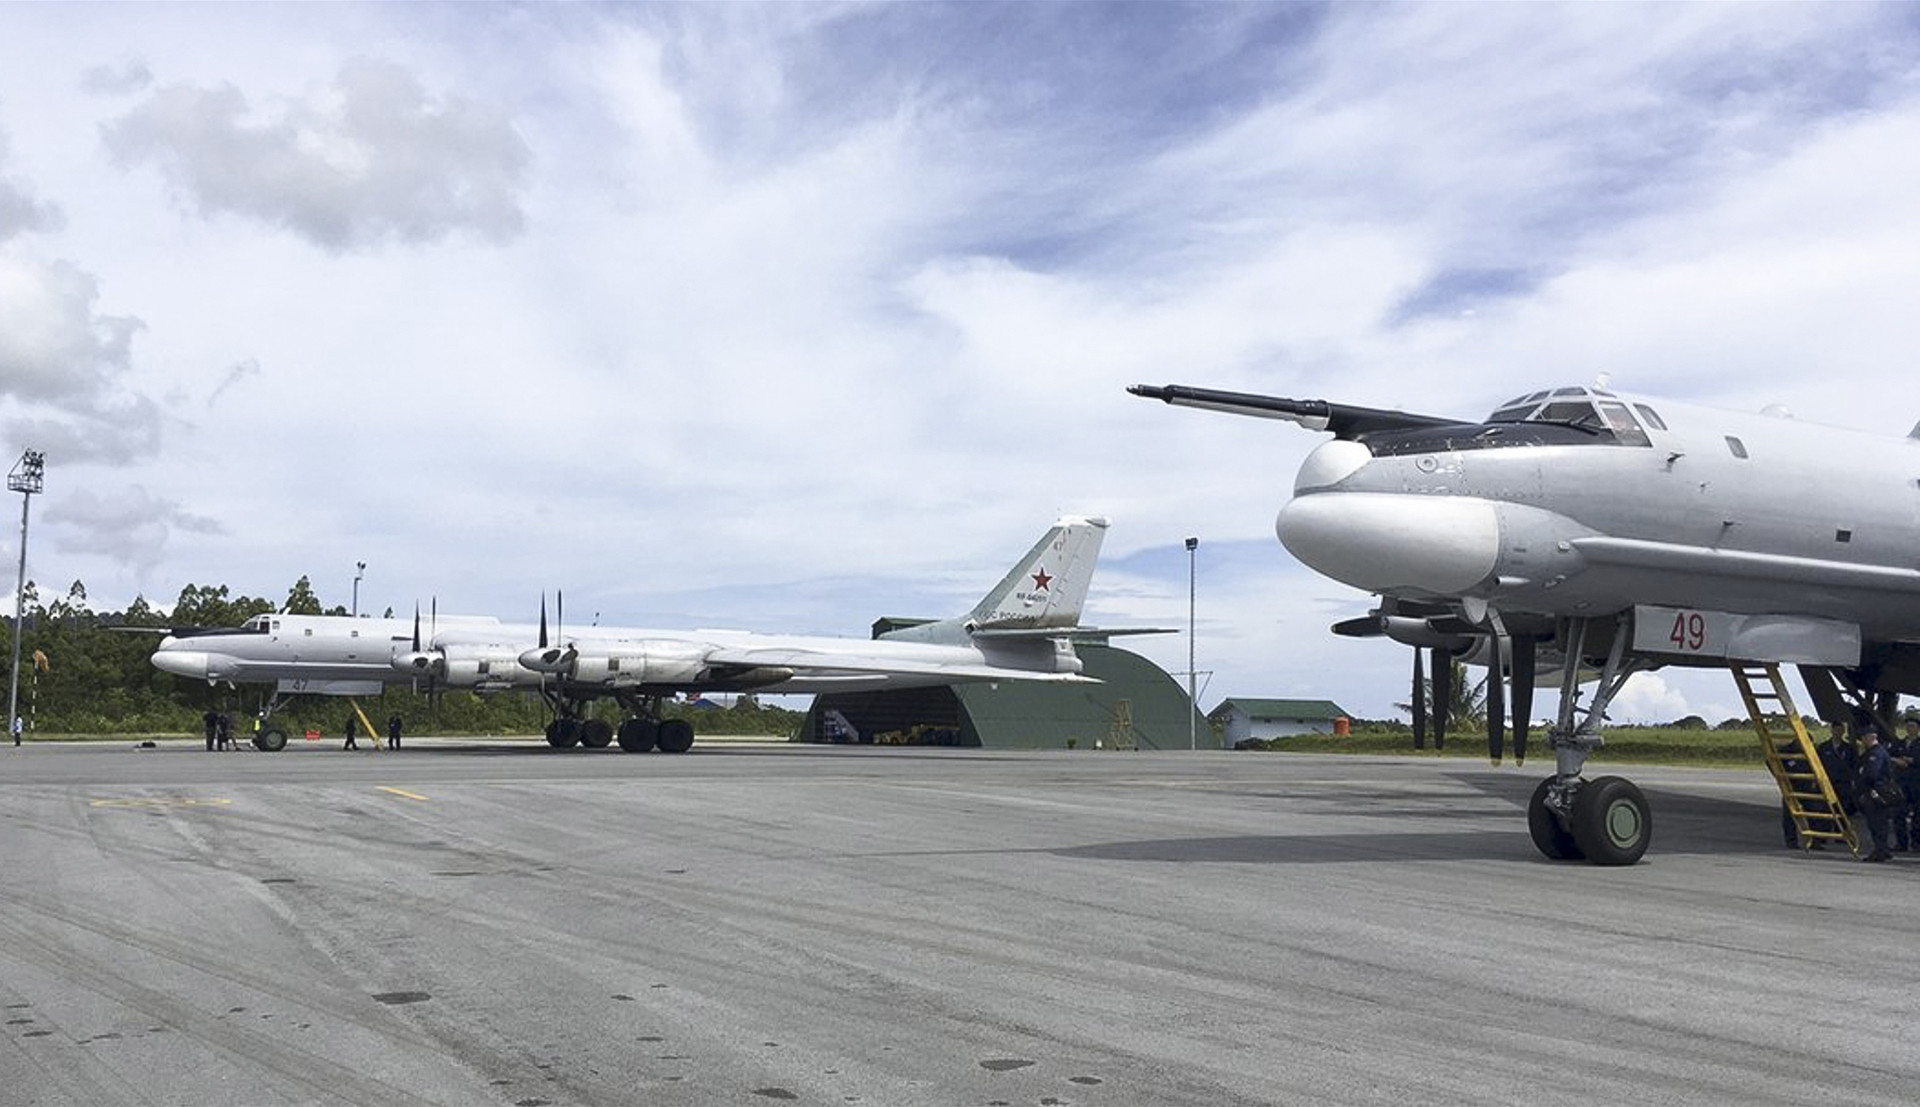 Untuk pertama kalinya dalam sejarah, dua pesawat pengebom jarak jauh Tu-95MS terbang melintasi Samudra Pasifik yang luas dan singgah di Indonesia.